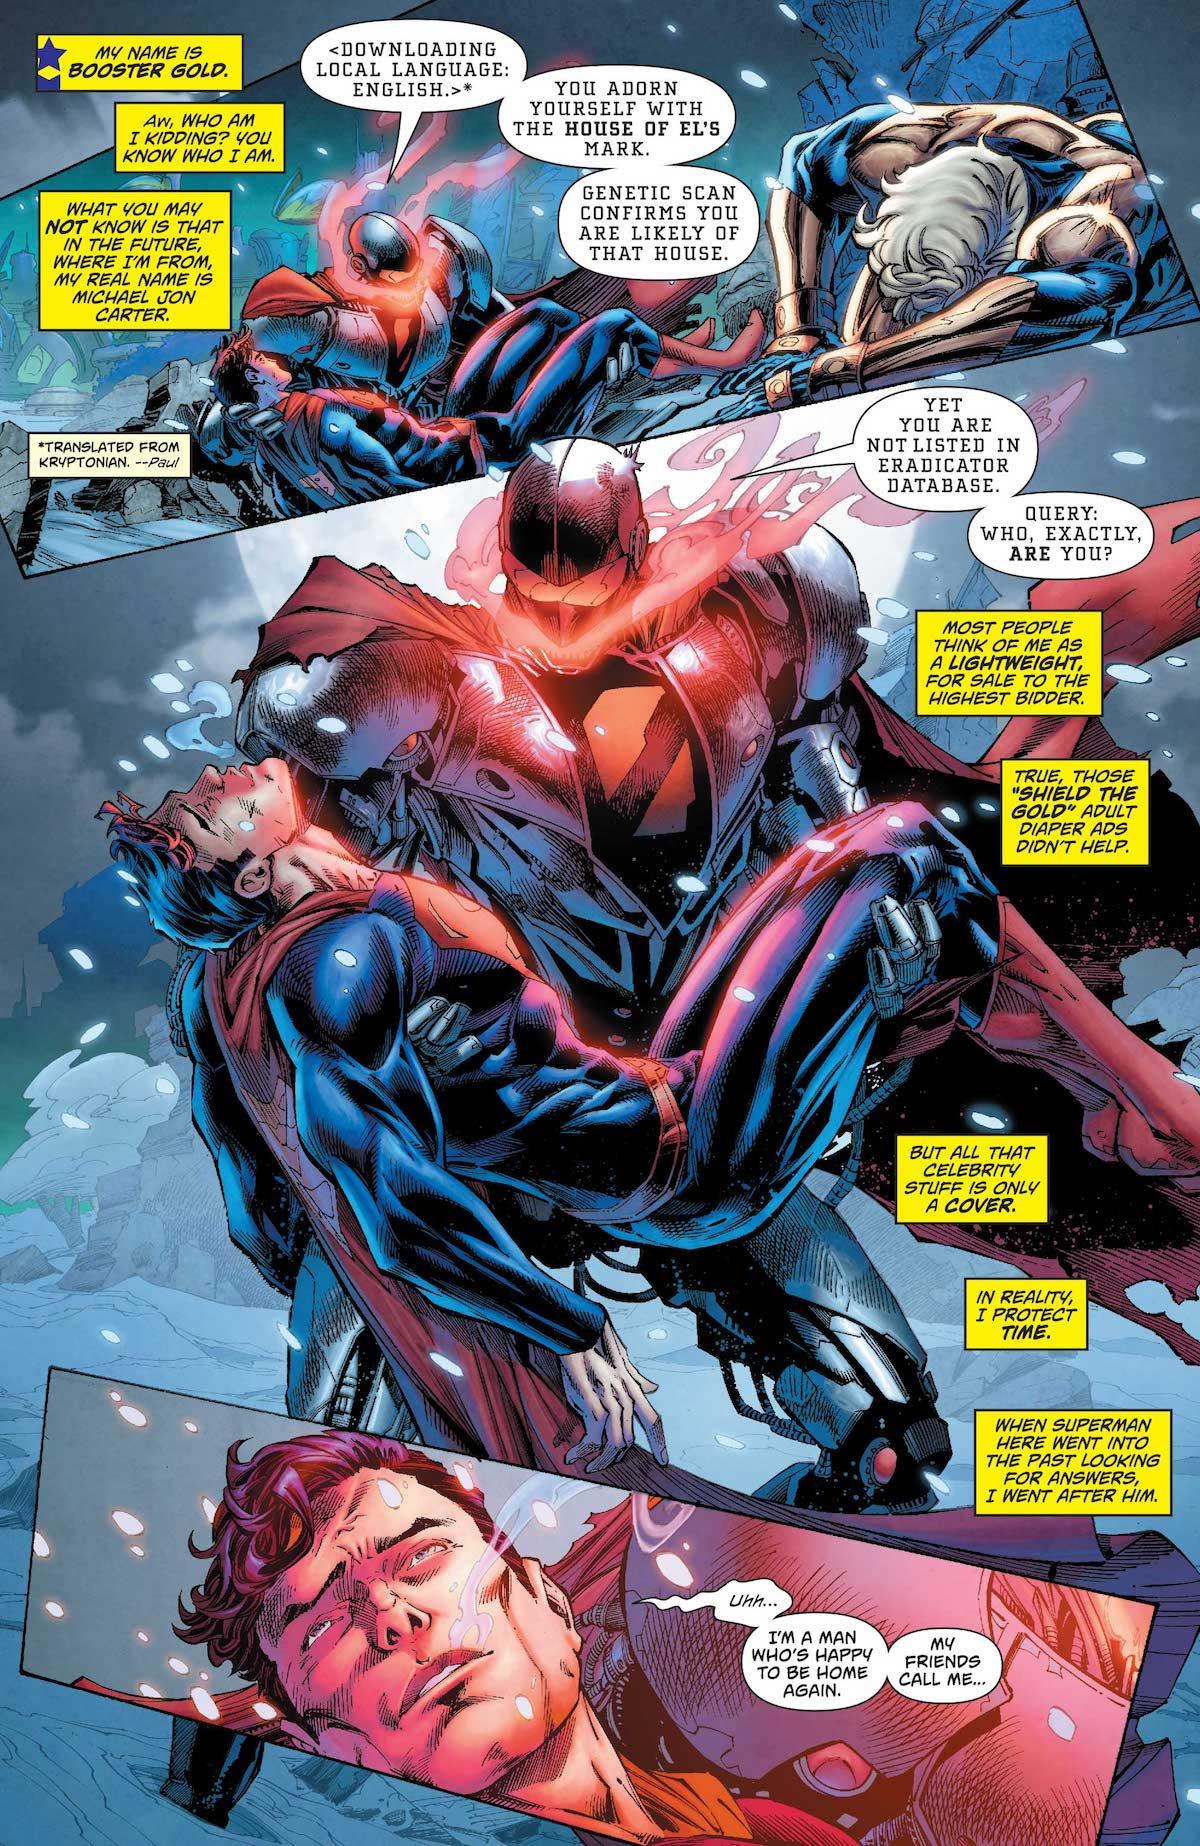 Superman: Action Comics #995 interior art